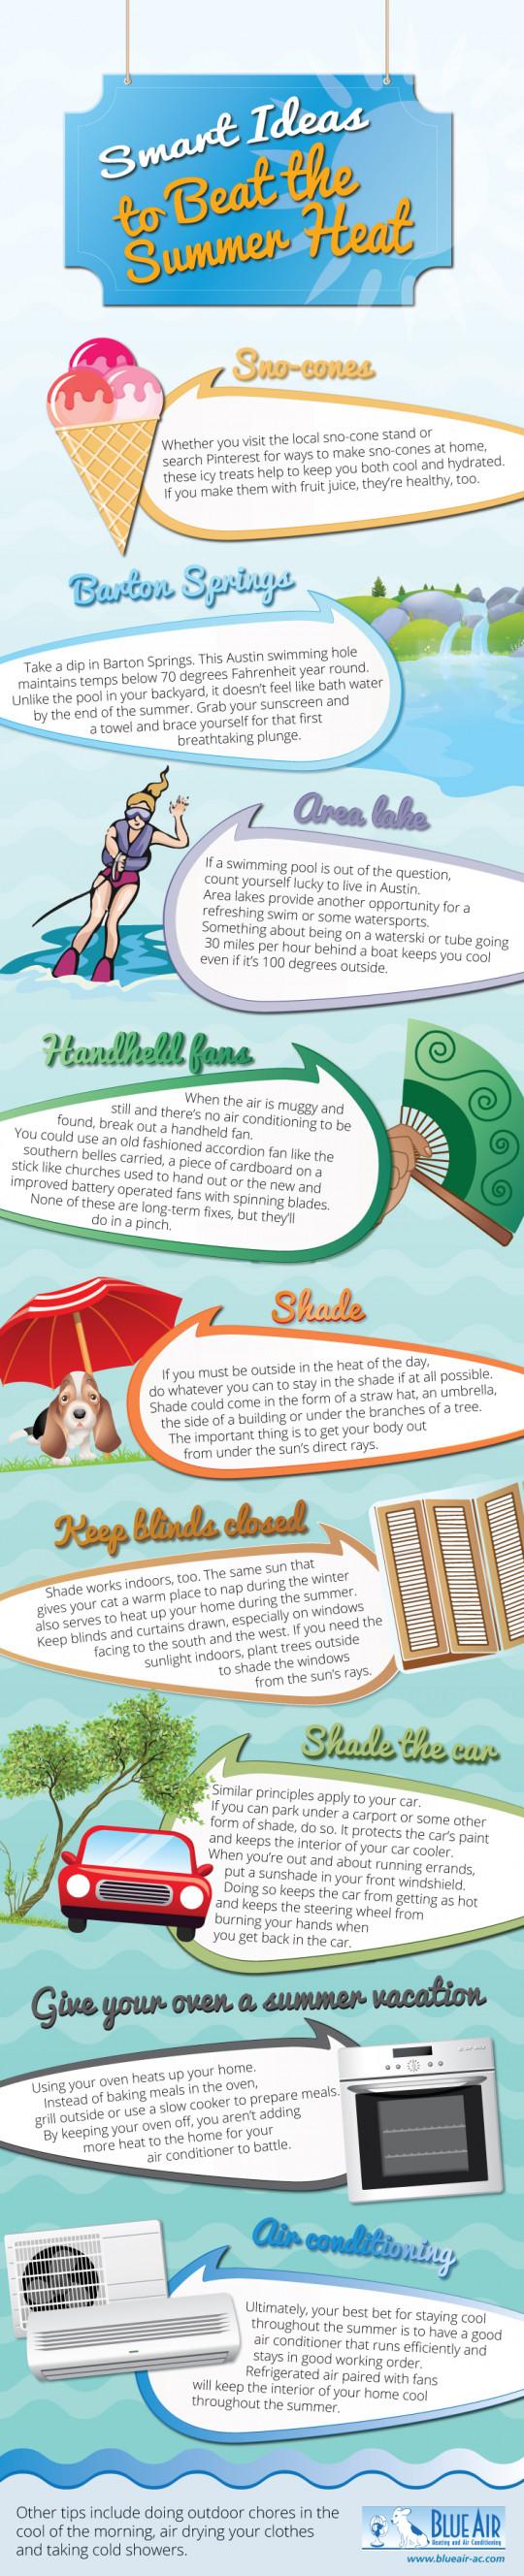 Smart Ideas to Beat the Summer Heat